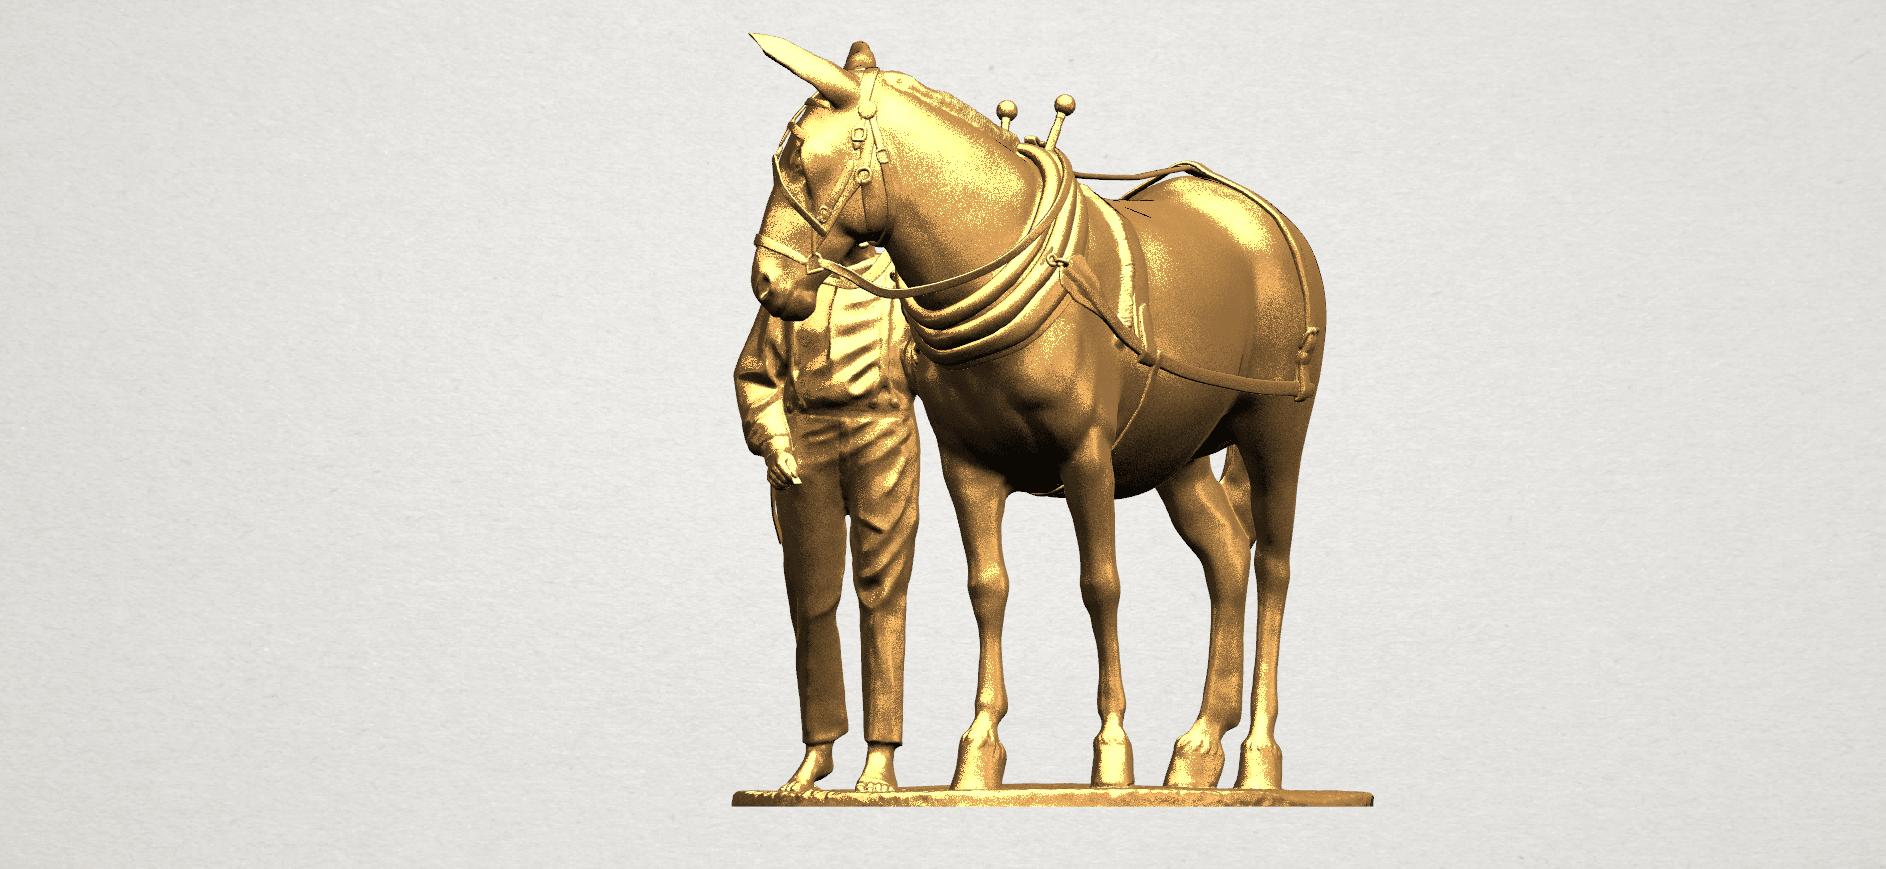 Horse with Man (i) - A02.png Télécharger fichier STL gratuit Cheval avec Man 01 • Objet à imprimer en 3D, GeorgesNikkei